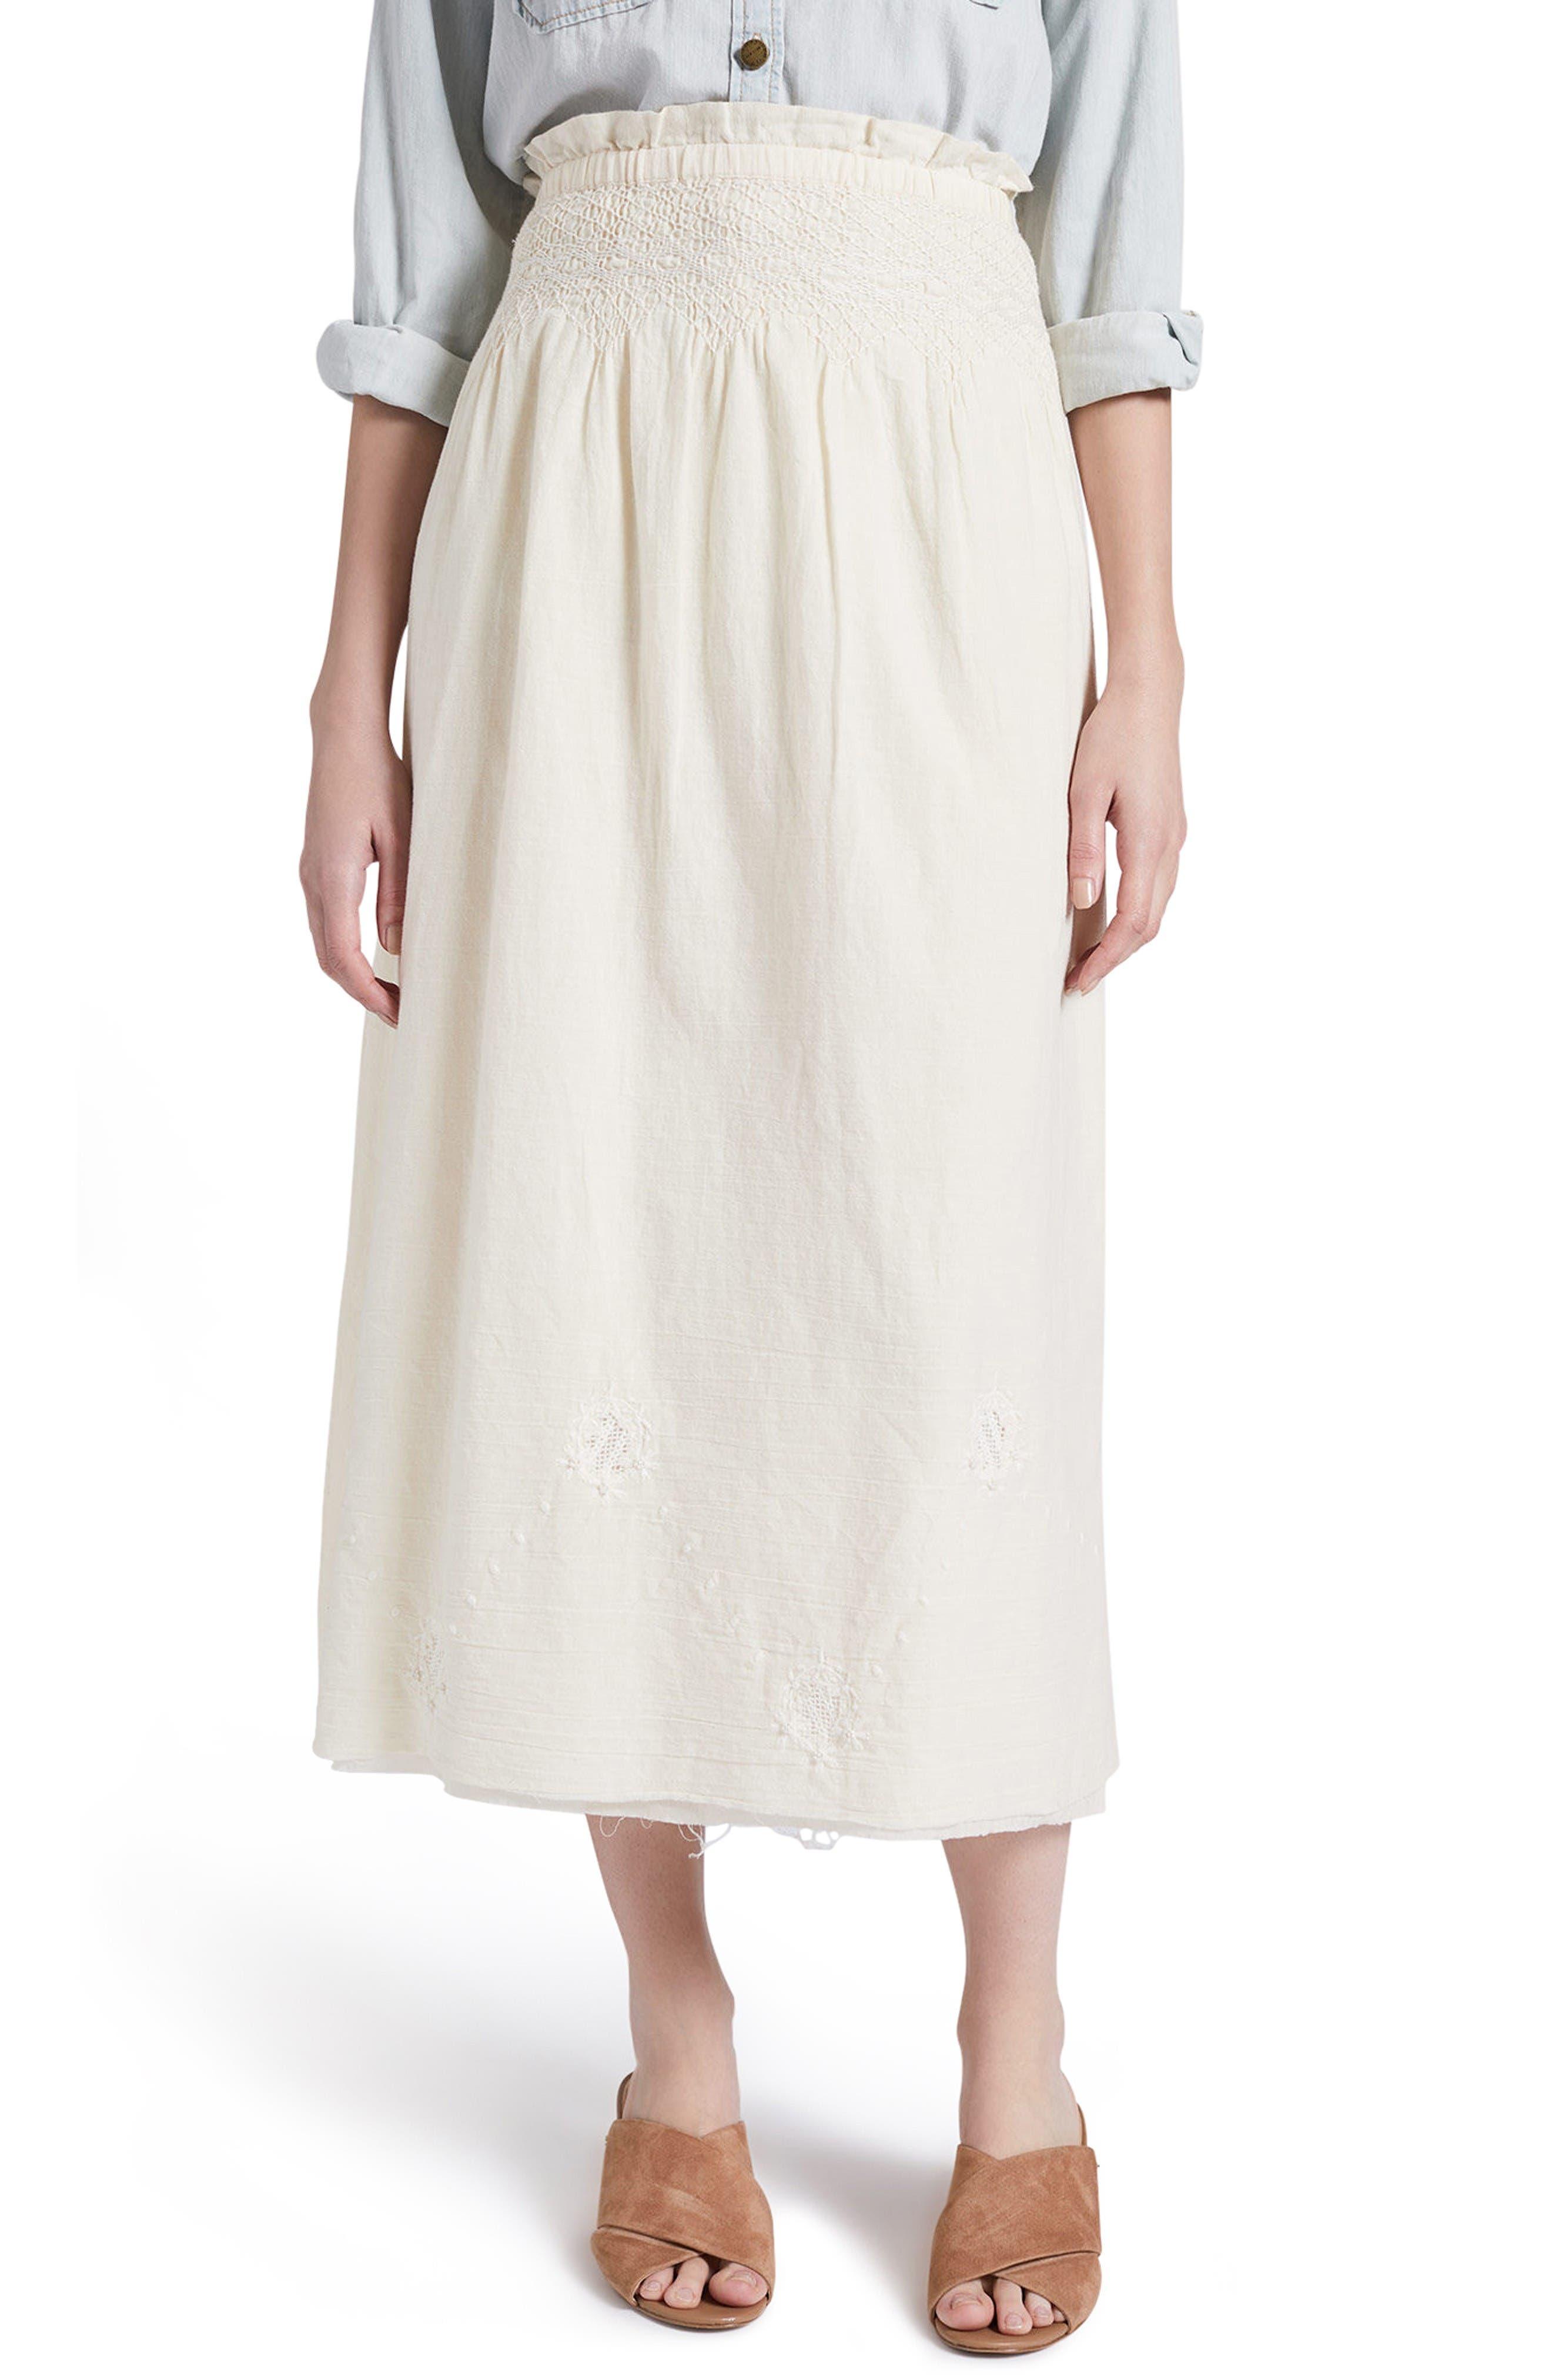 CURRENT/ELLIOTT The Rancher High Waist Cotton Skirt